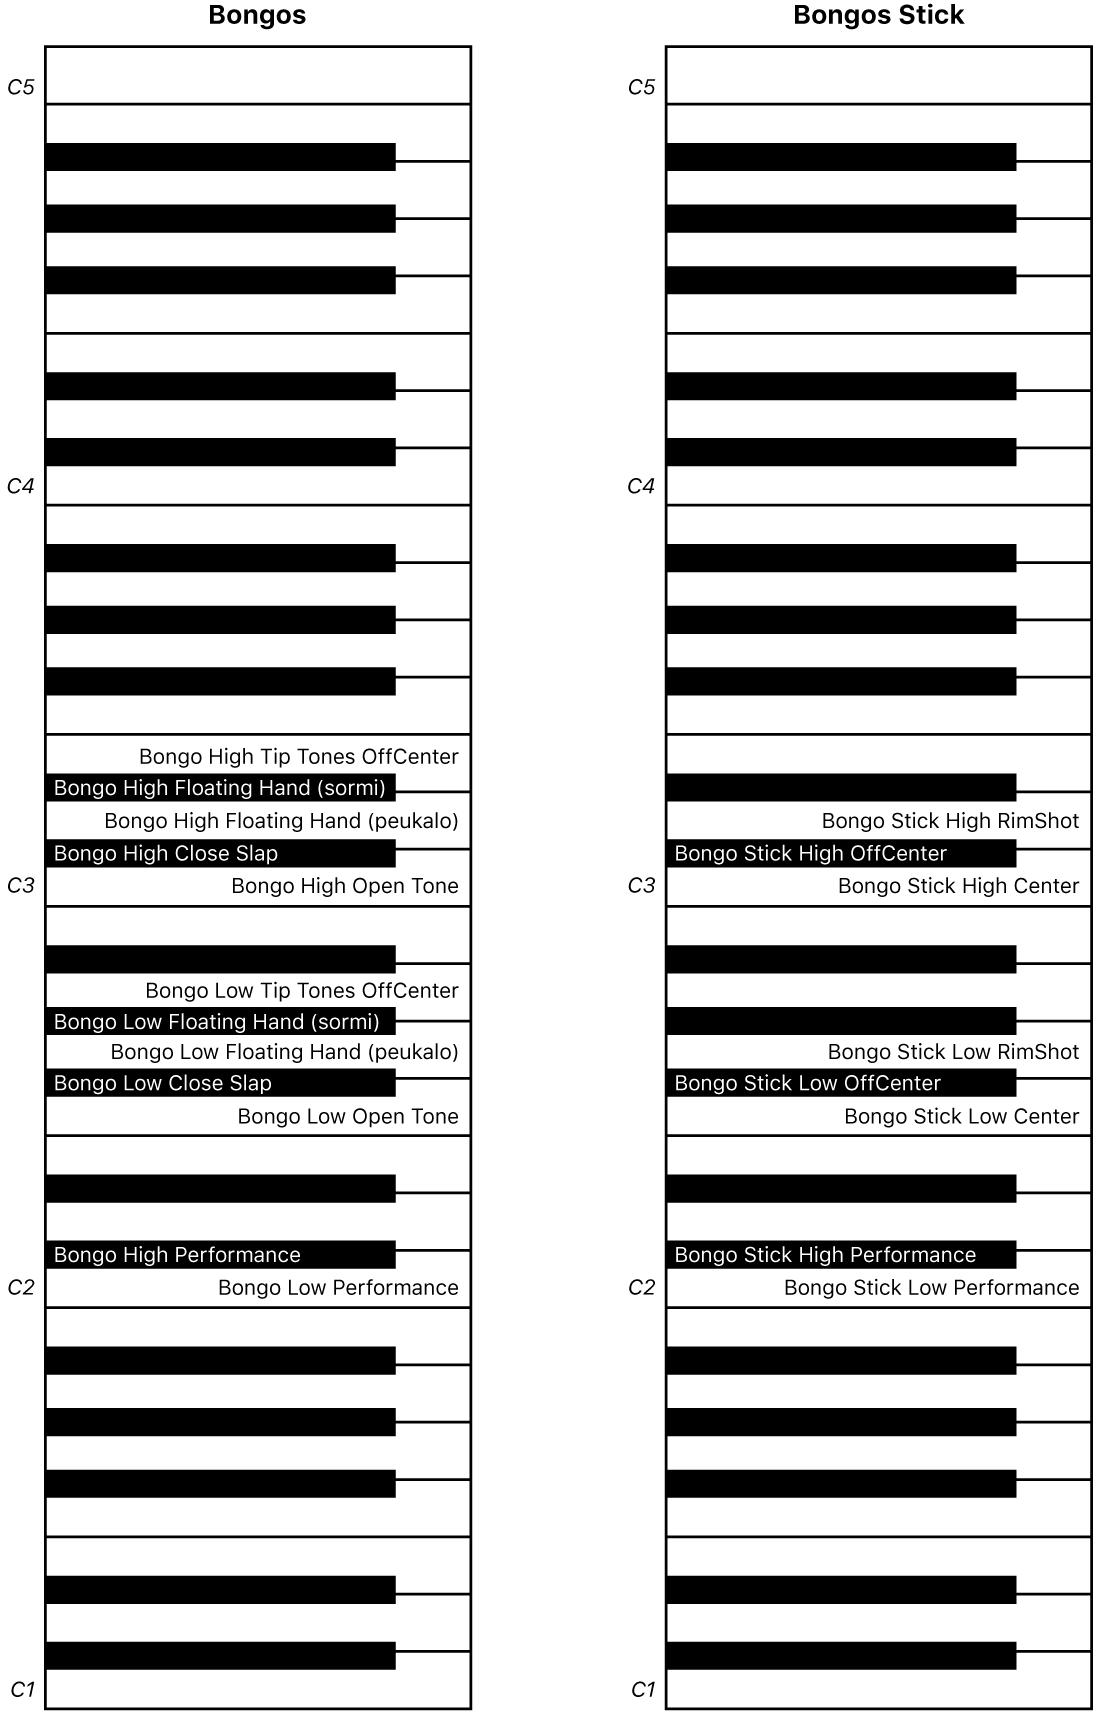 Kuva. Bongos- ja Bongos Stick ‑esityskoskettimistokartat.